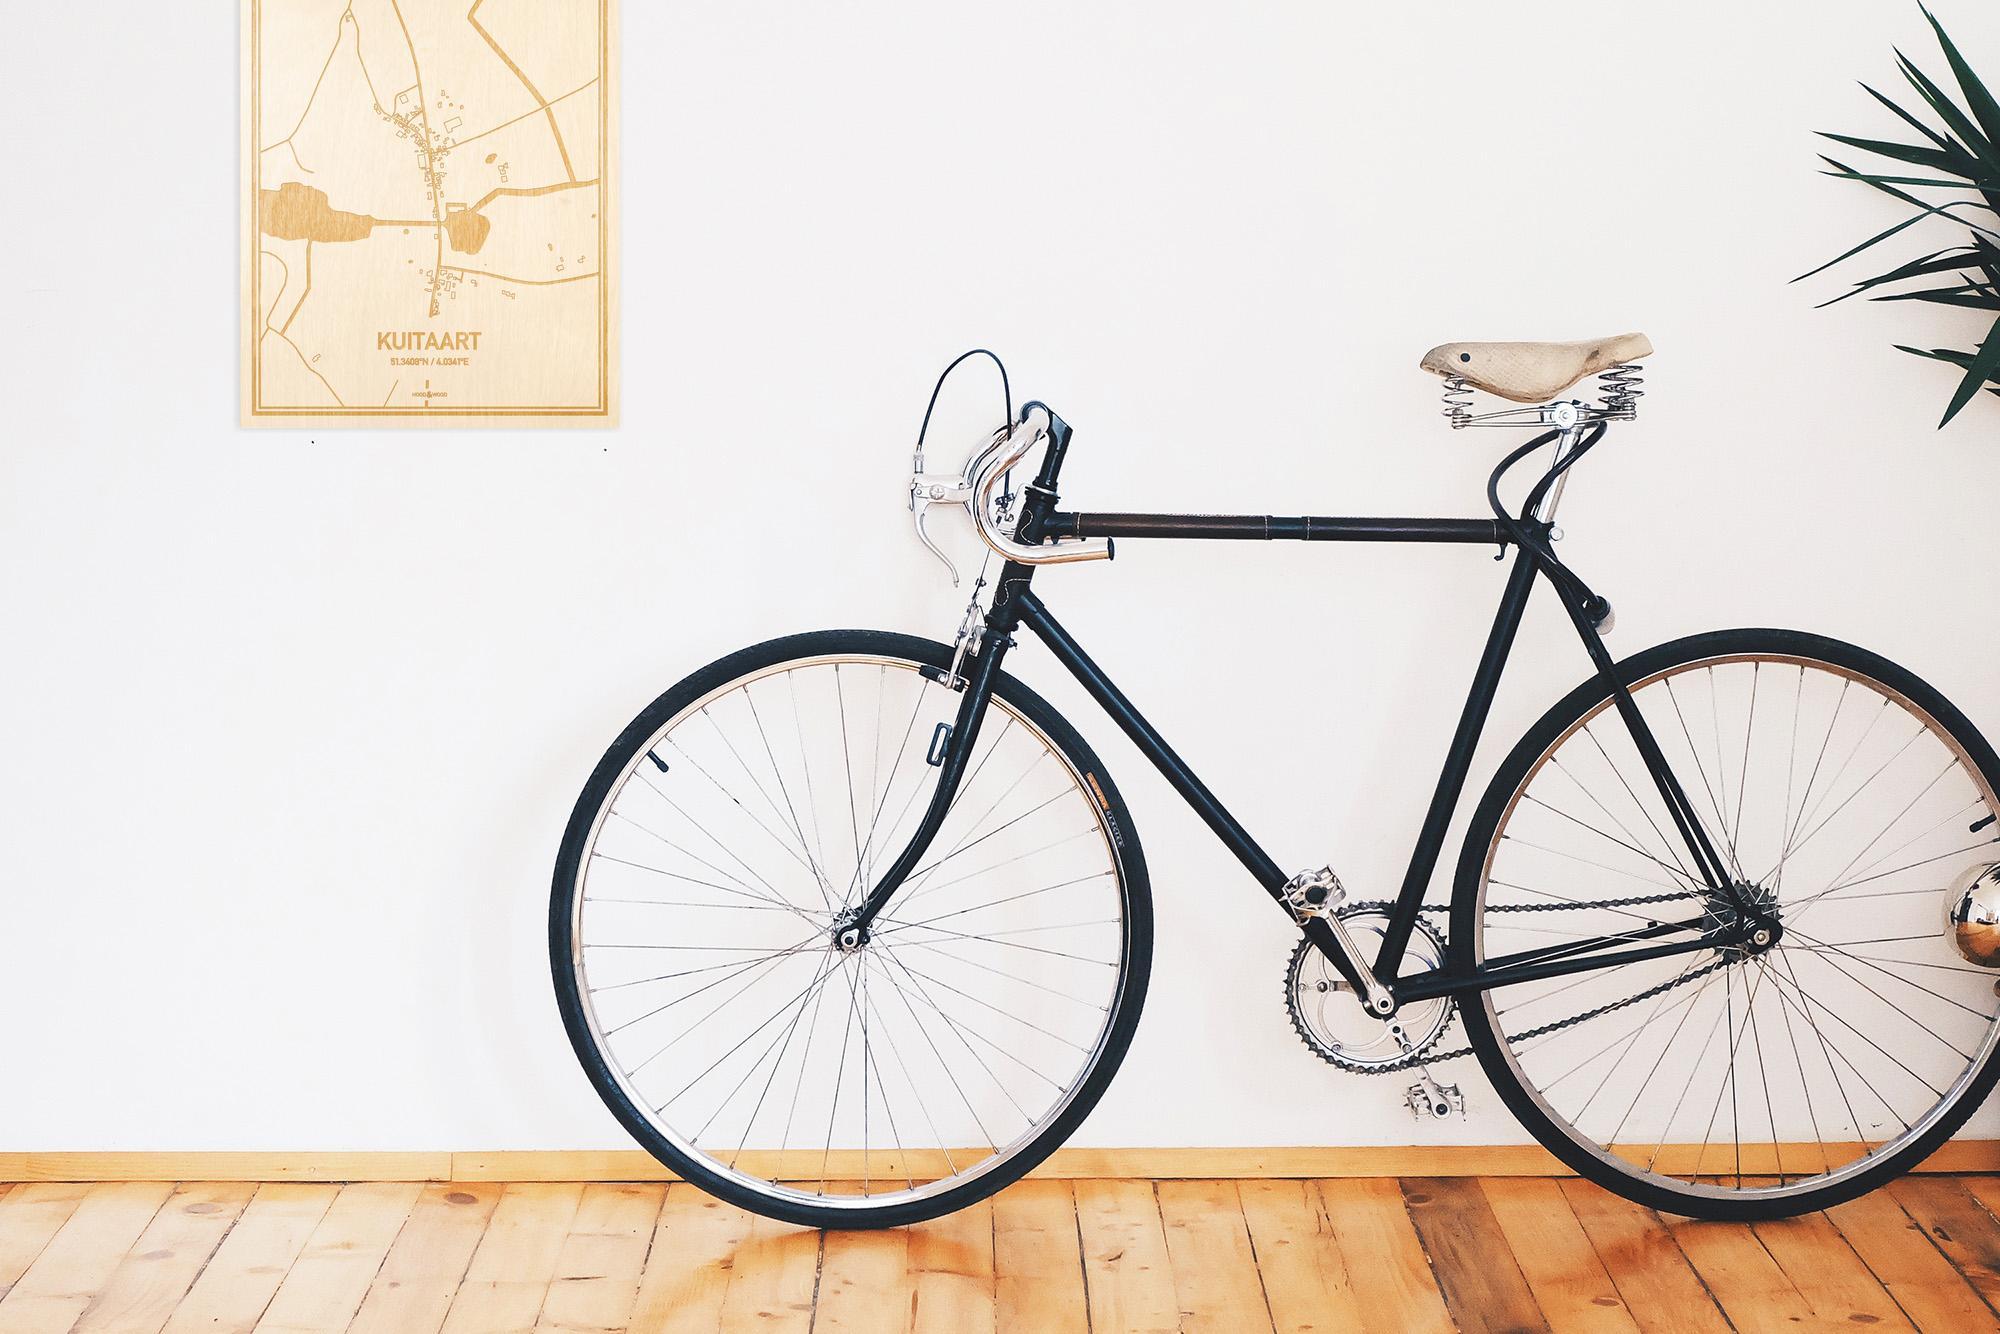 Een snelle fiets in een uniek interieur in Zeeland met mooie decoratie zoals de plattegrond Kuitaart.